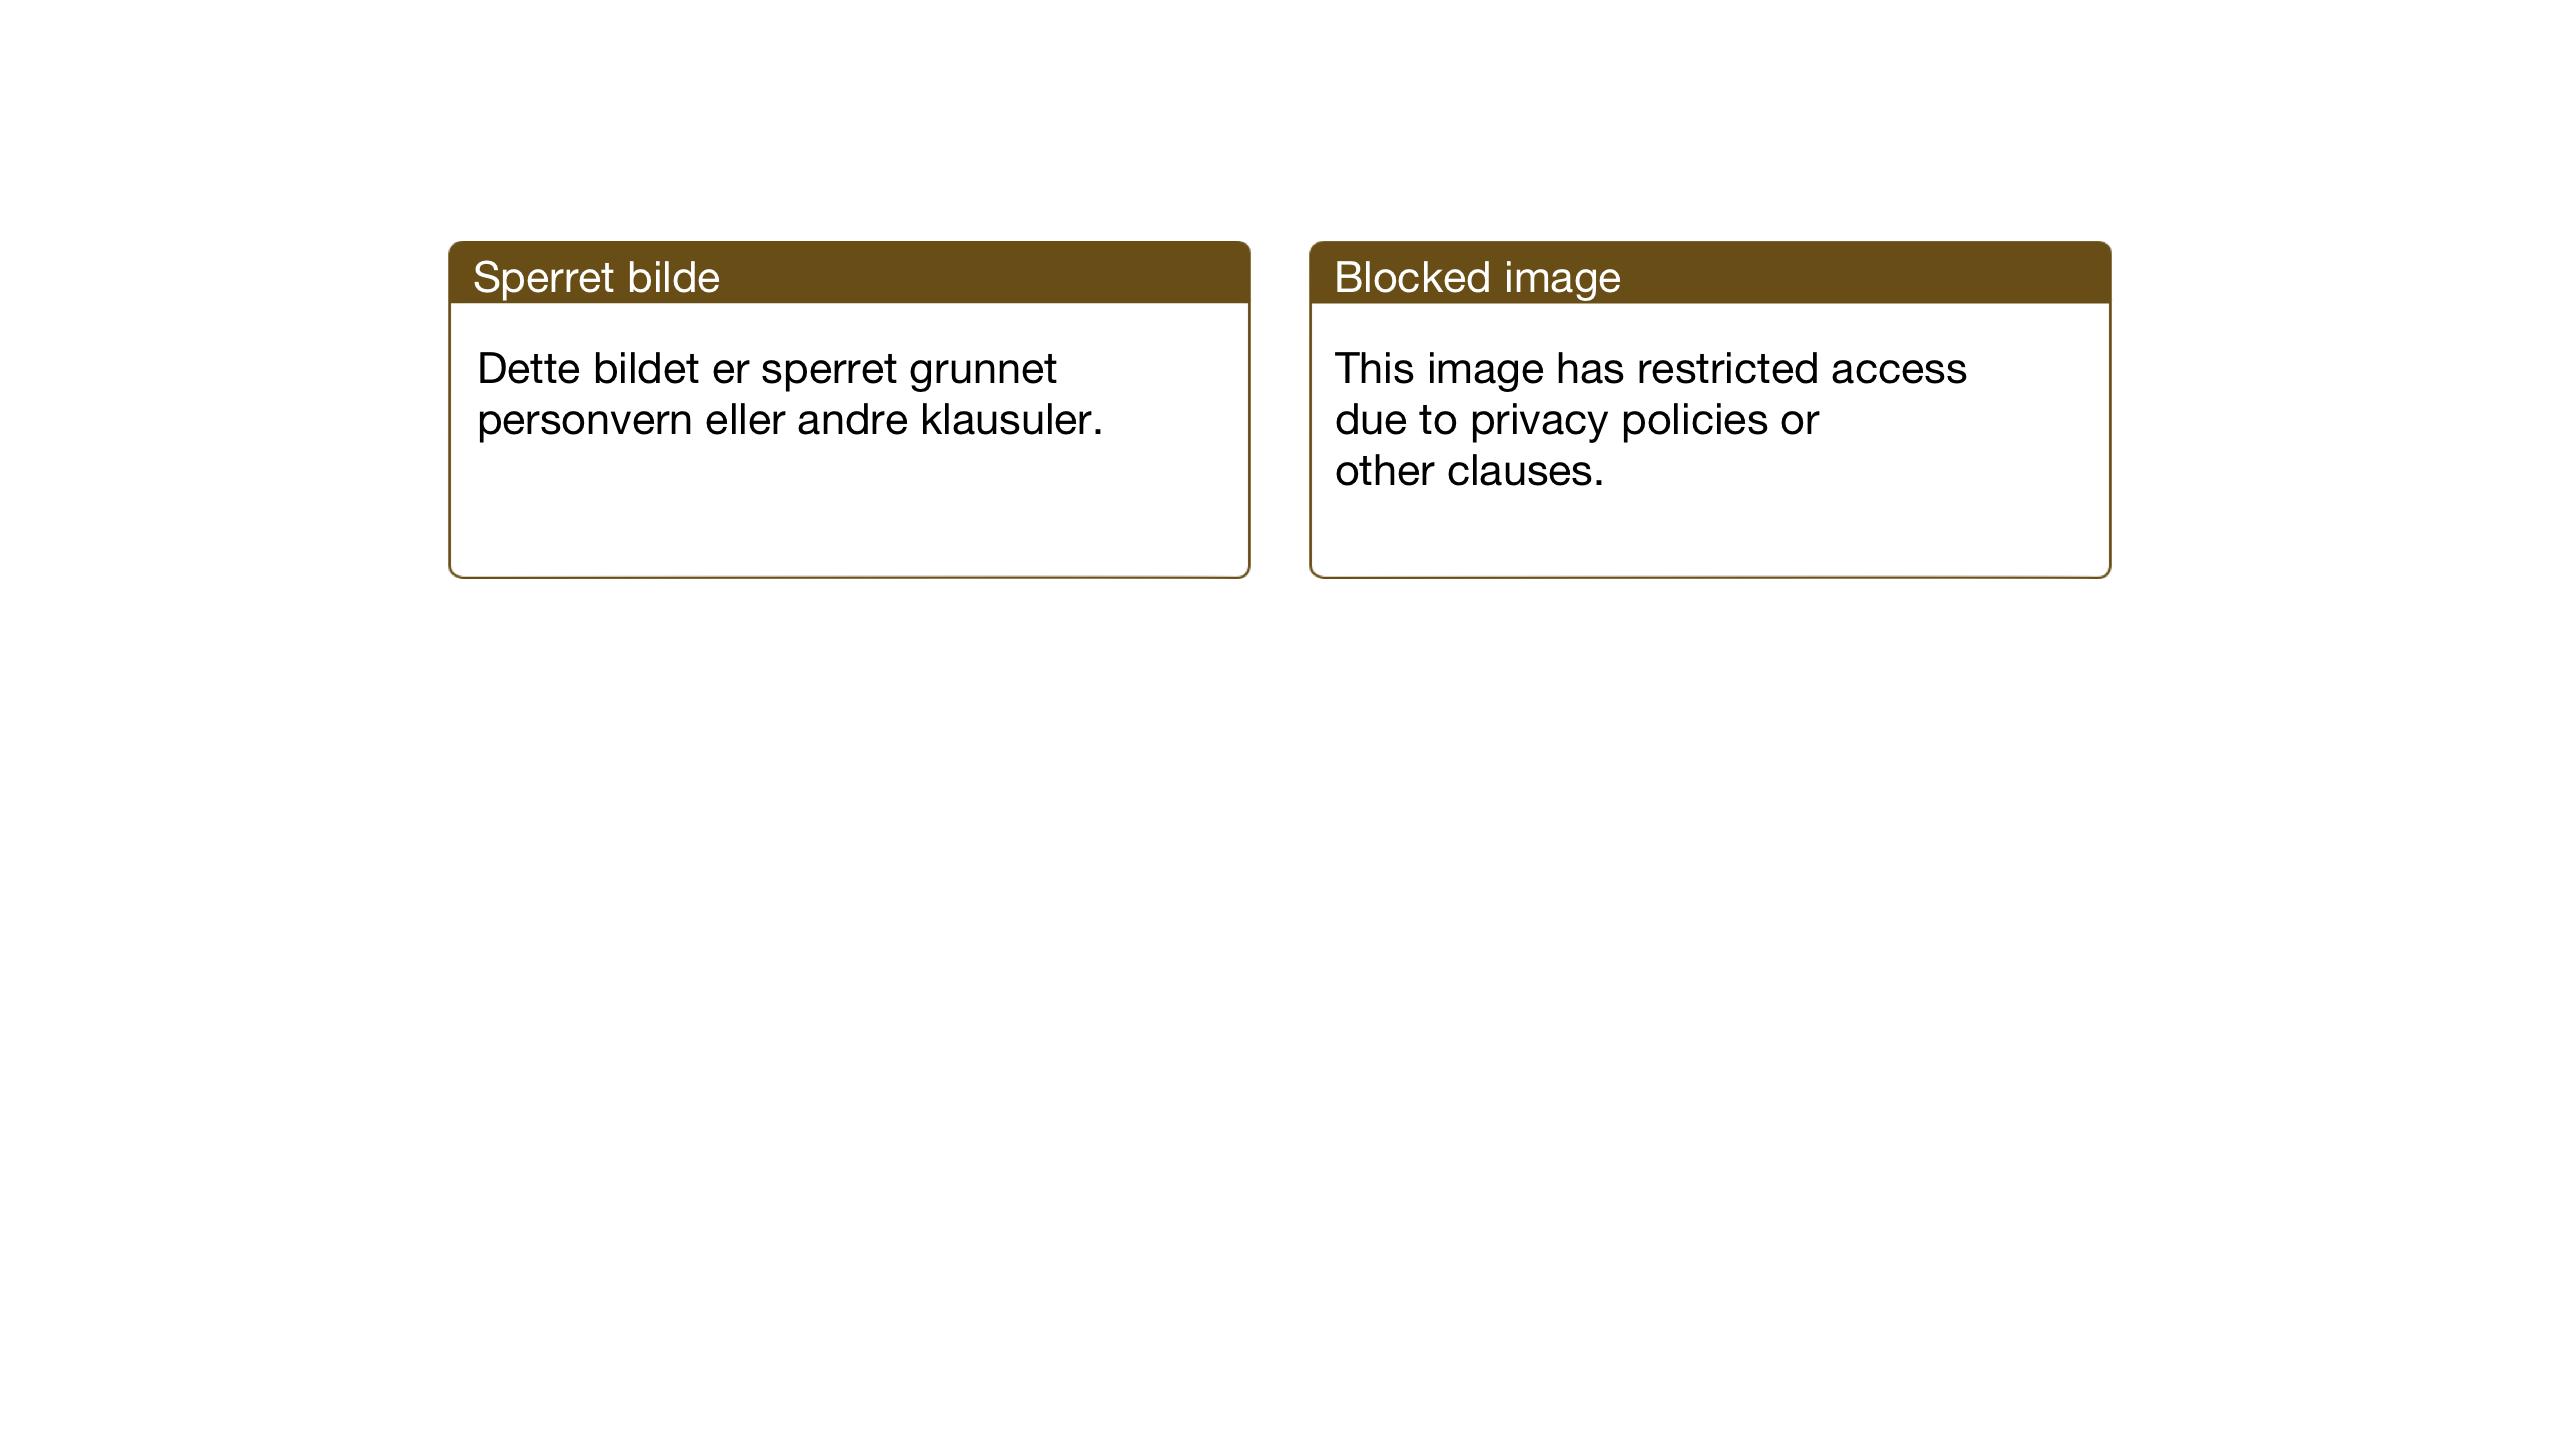 SAT, Ministerialprotokoller, klokkerbøker og fødselsregistre - Sør-Trøndelag, 602/L0120: Ministerialbok nr. 602A18, 1880-1913, s. 175